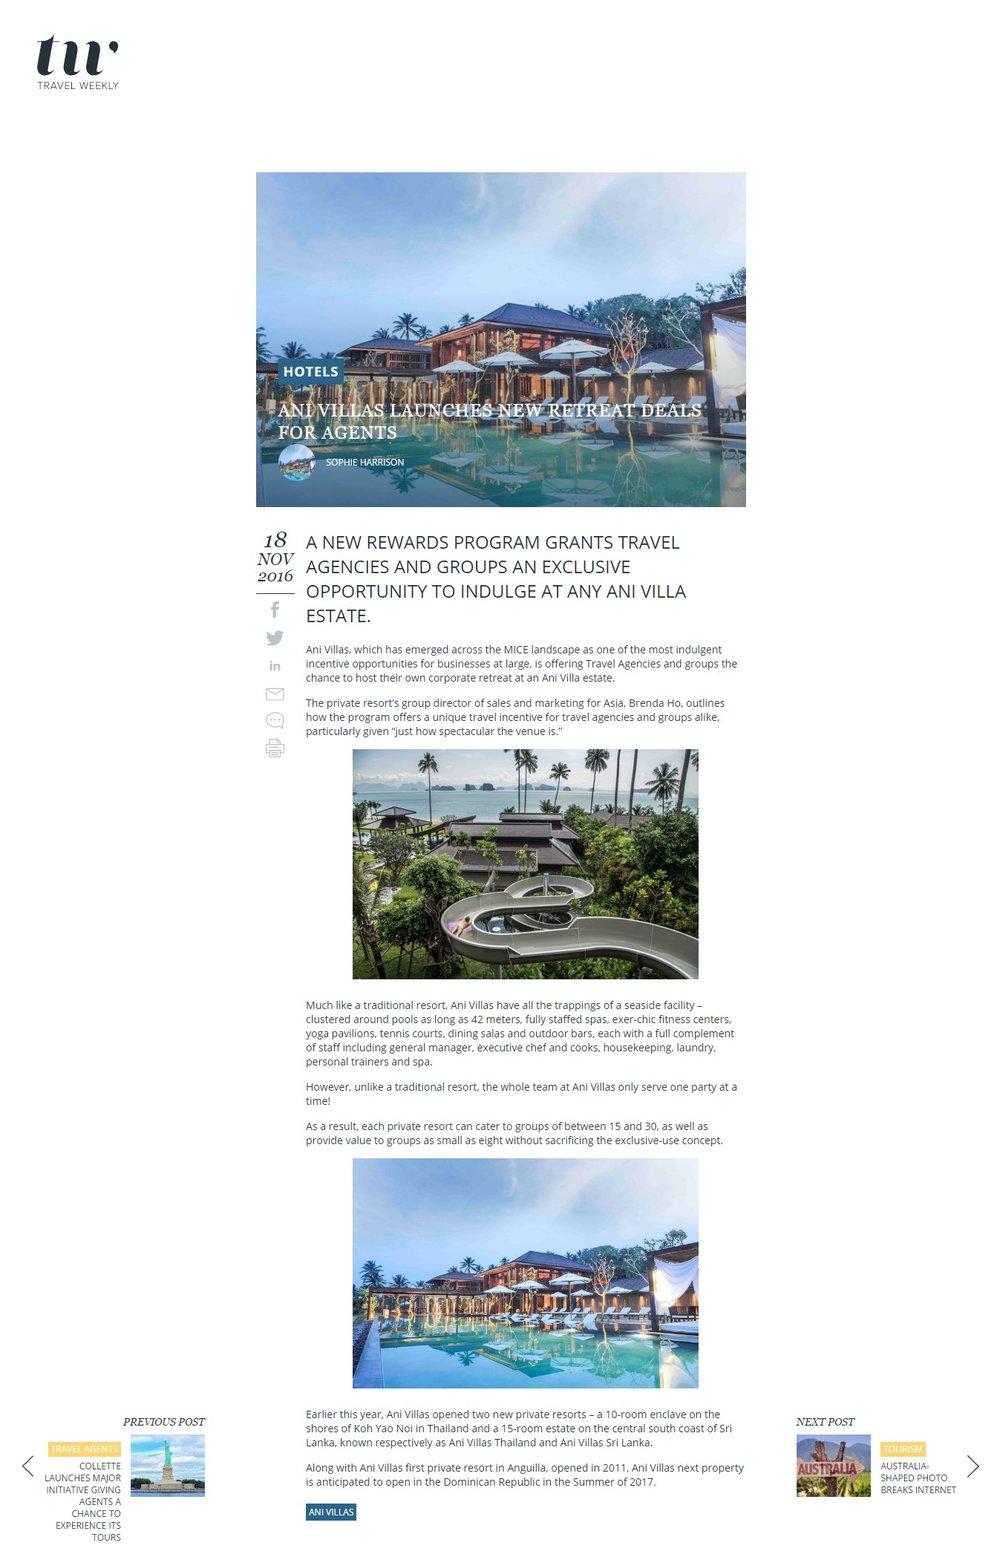 2016.11.18.TravelWeekly_Page_1_Image_0001.jpg